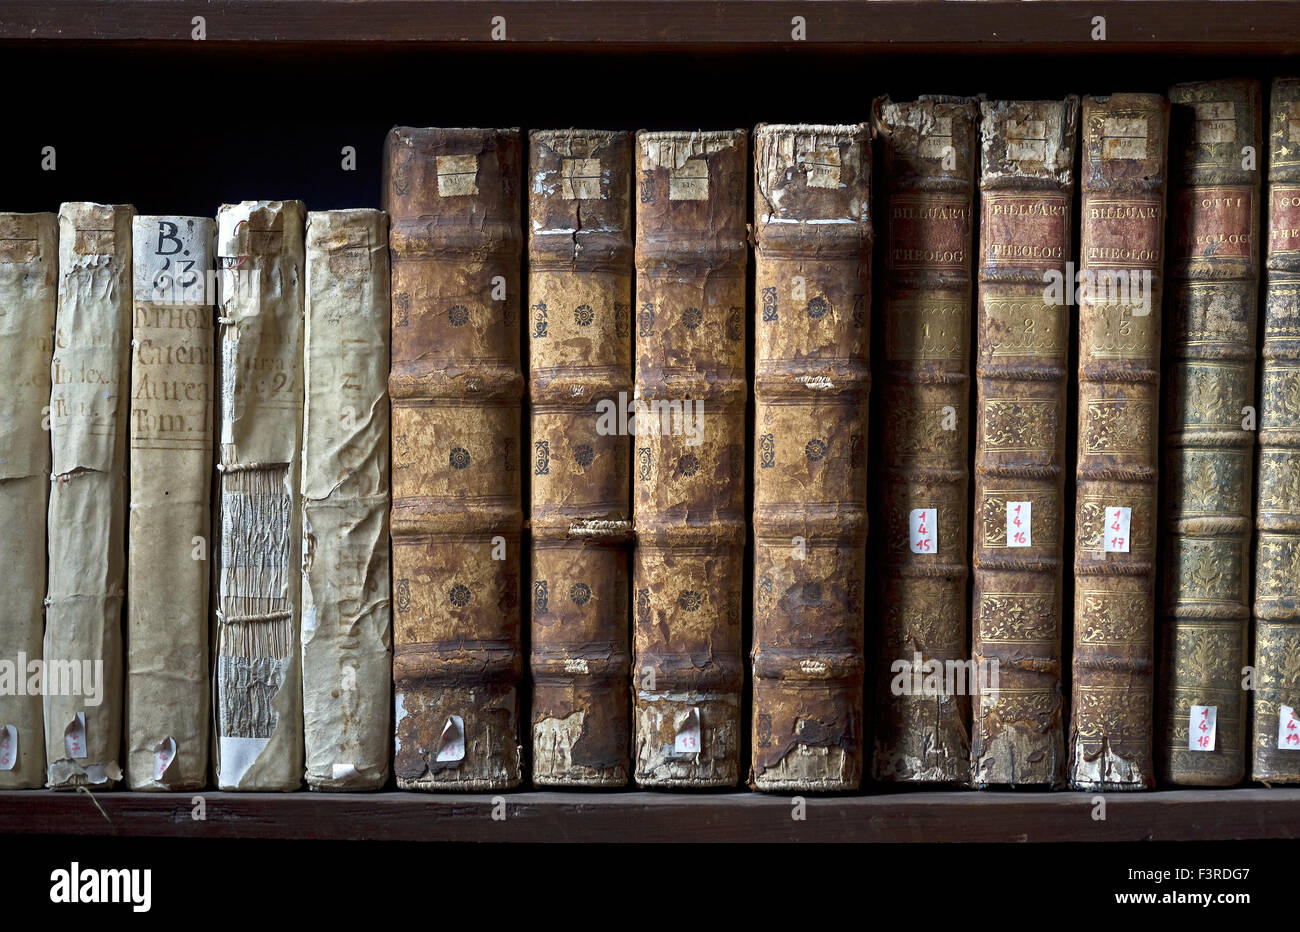 Books in the Ricoleta Library in Arequipa, Peru - Stock Image